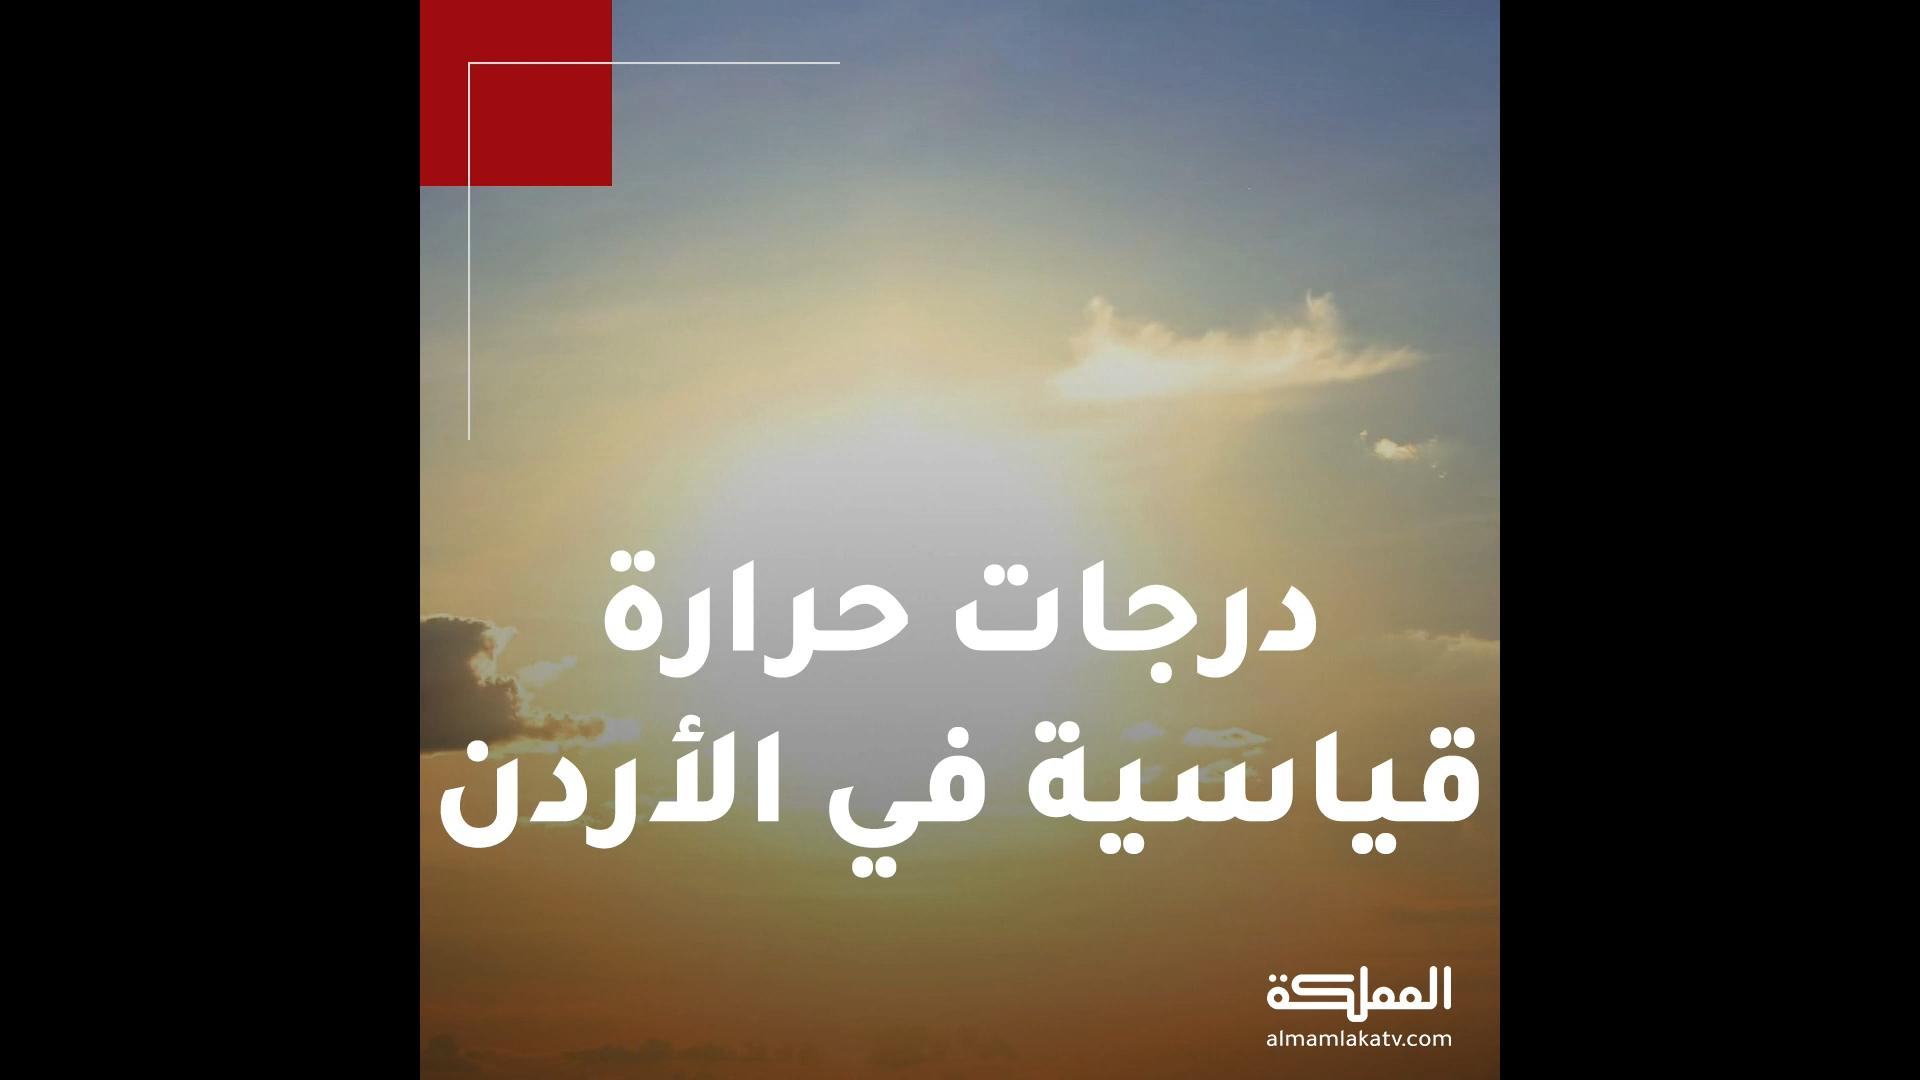 يشهد الأردن موجة حارة تمتد إلى جميع المحافظات سُجلت خلالها مُستويات قياسية